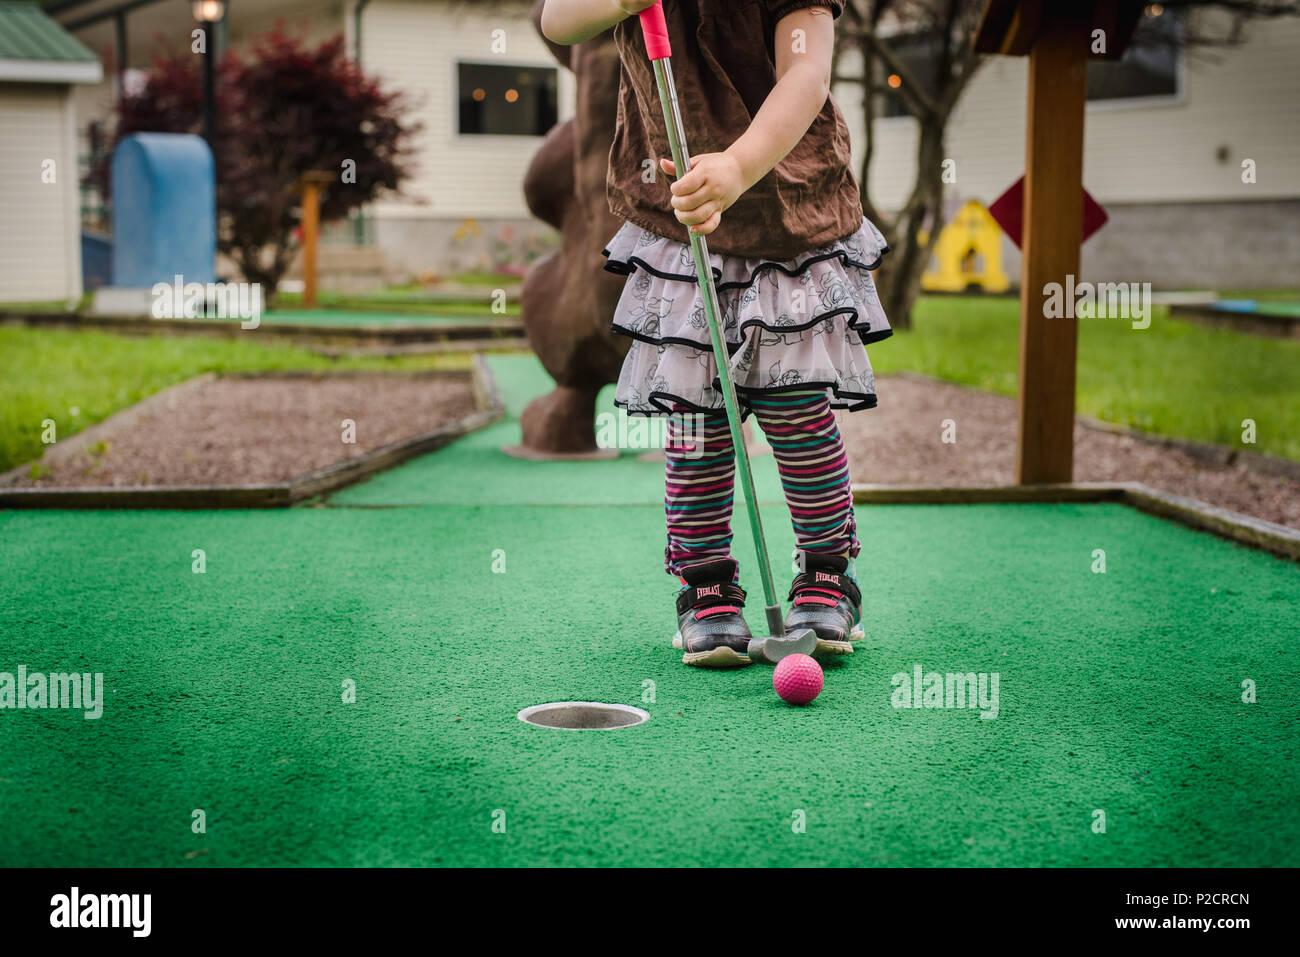 Ein junges Mädchen spielt Minigolf bei schönem Wetter. Stockbild